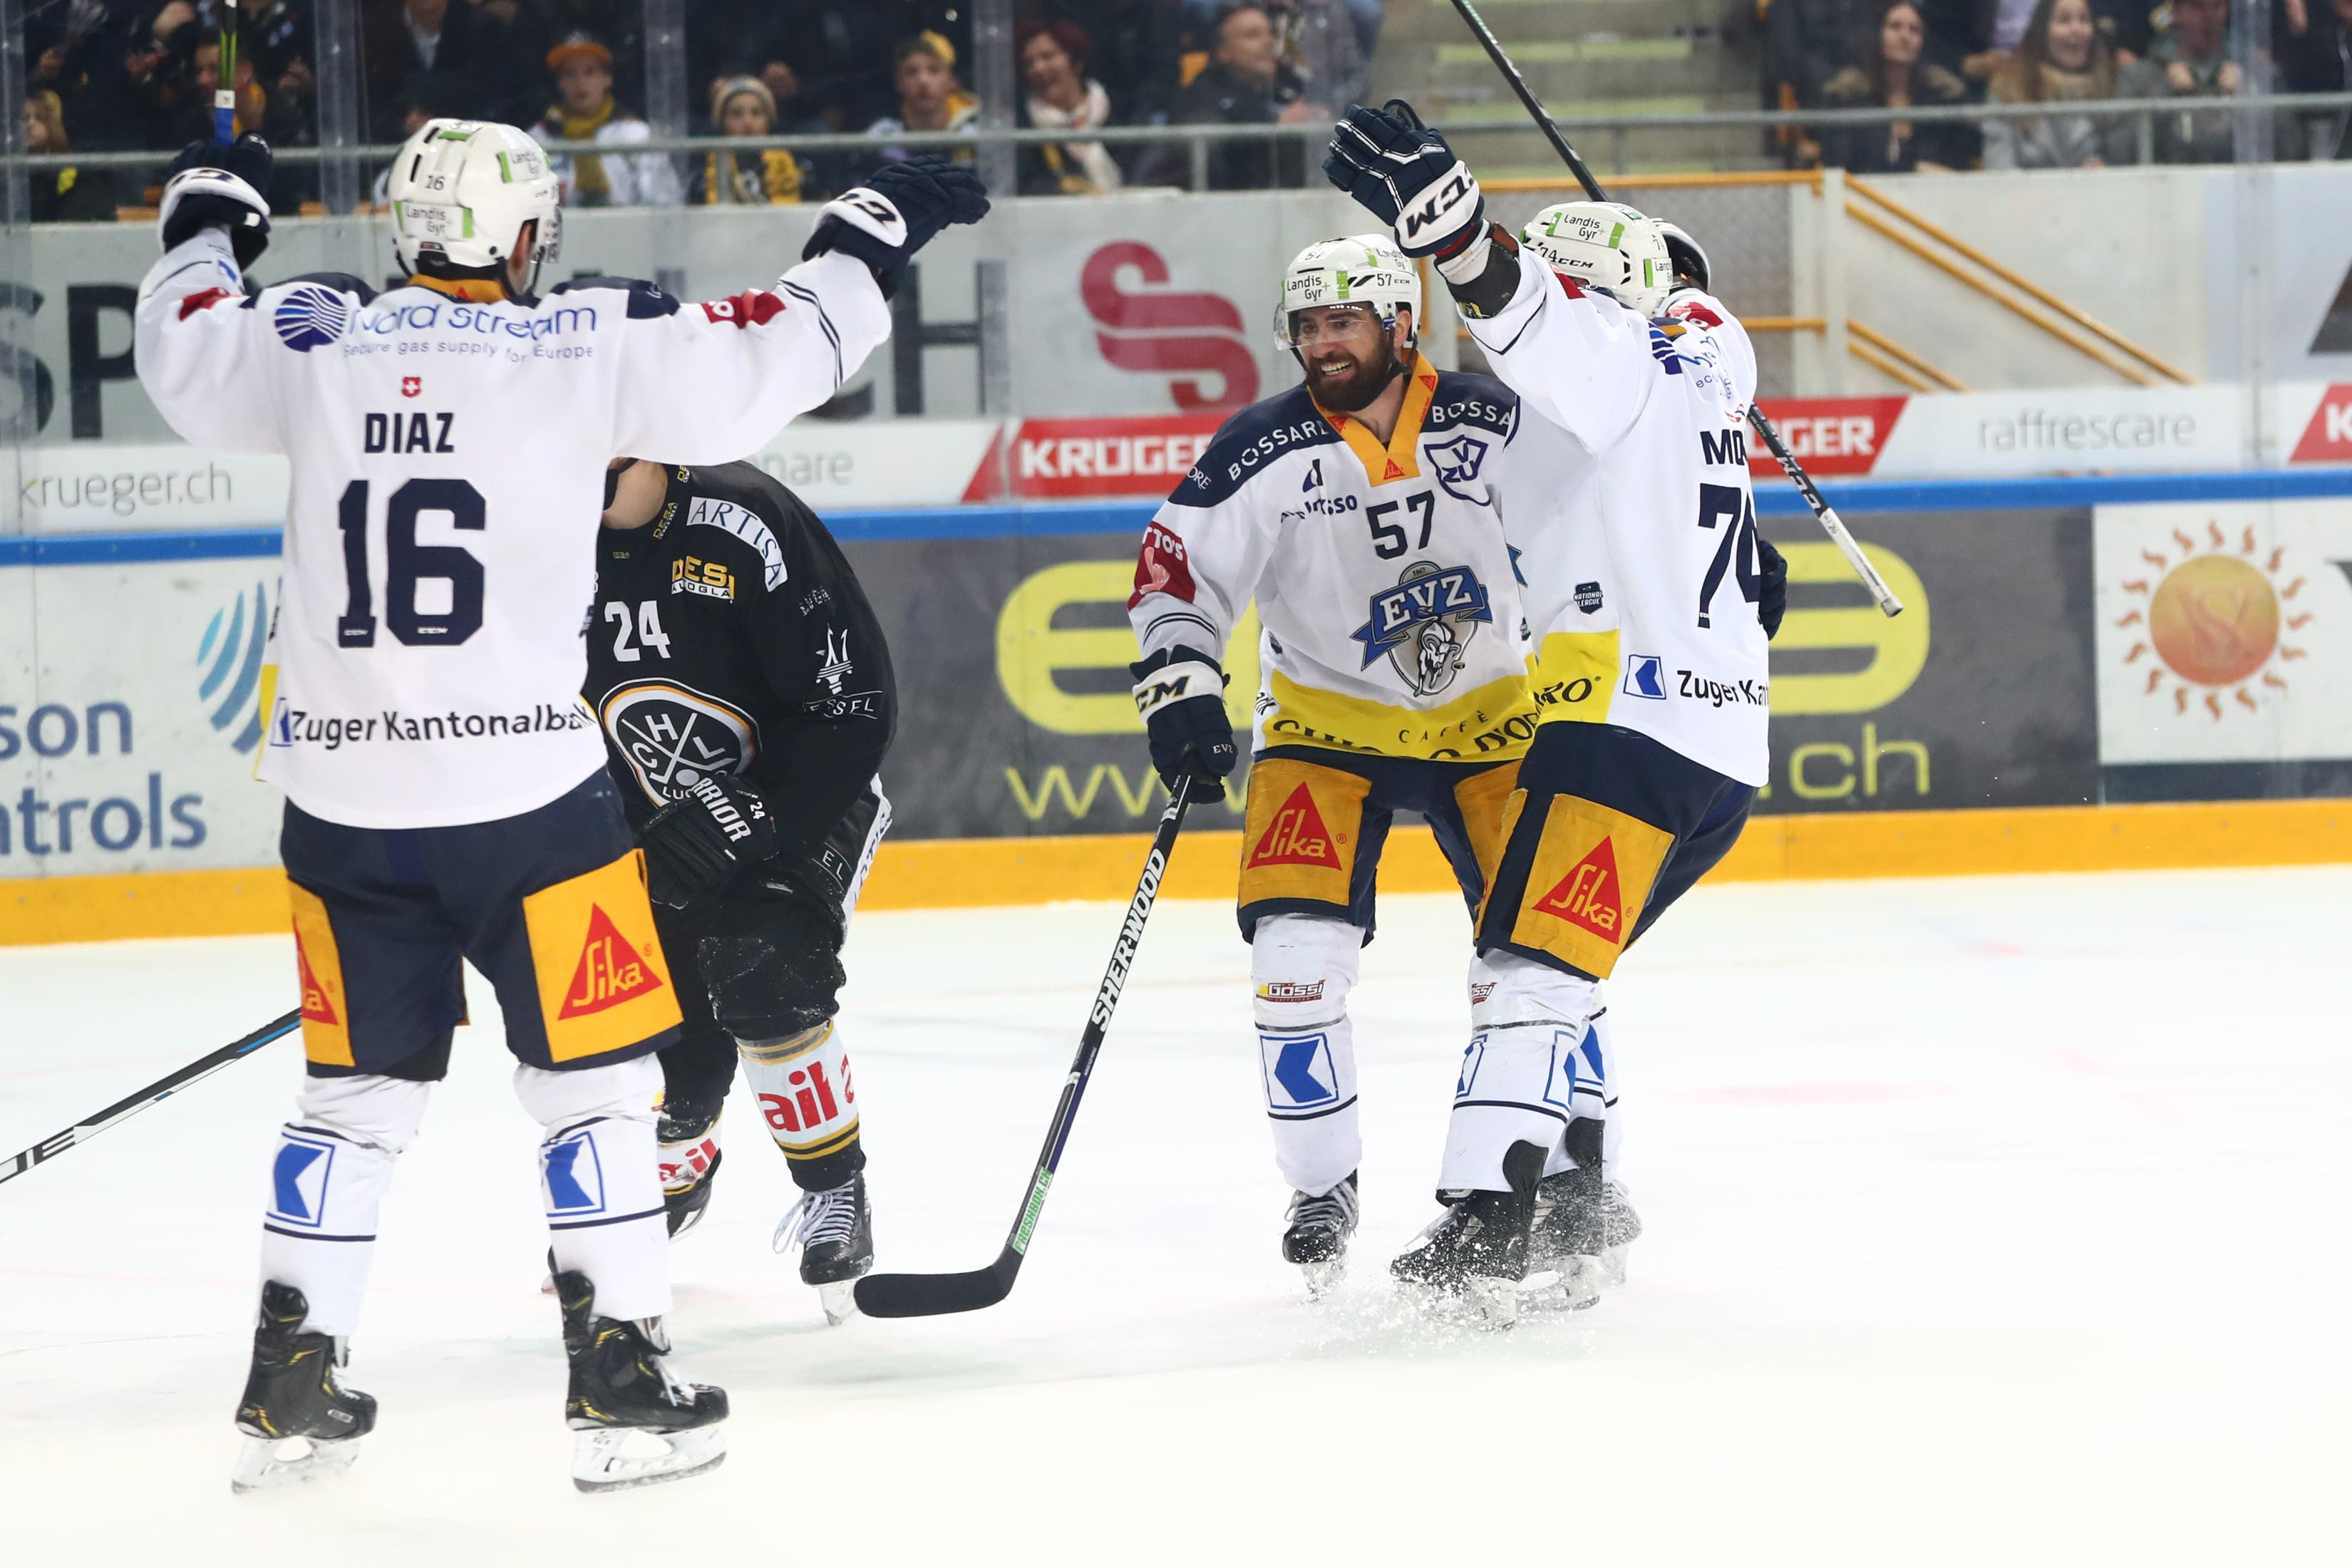 Die Zuger Spieler Raphael Diaz, Fabian Schnyder und Johan Morant (von links) jubeln nach dem 4:4. (Bild: Marusca Rezzonico / Freshfocus, Lugano, 16. März 2019)